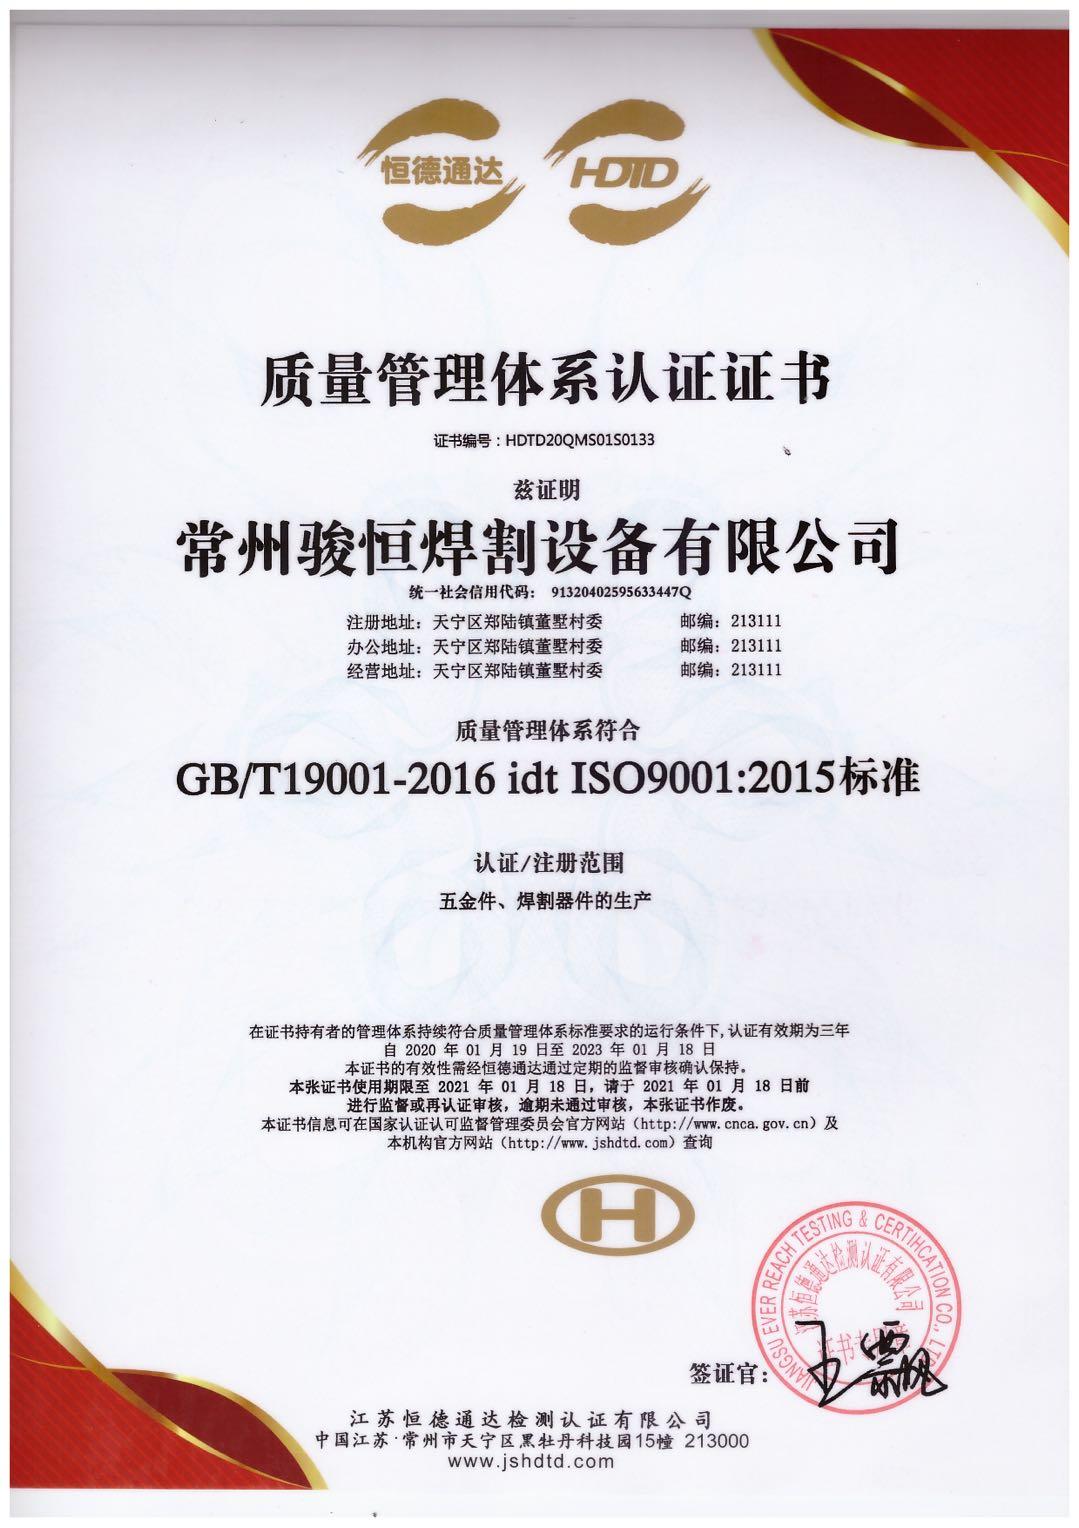 质量管理体系认证证书-常州骏恒焊割设备有限公司